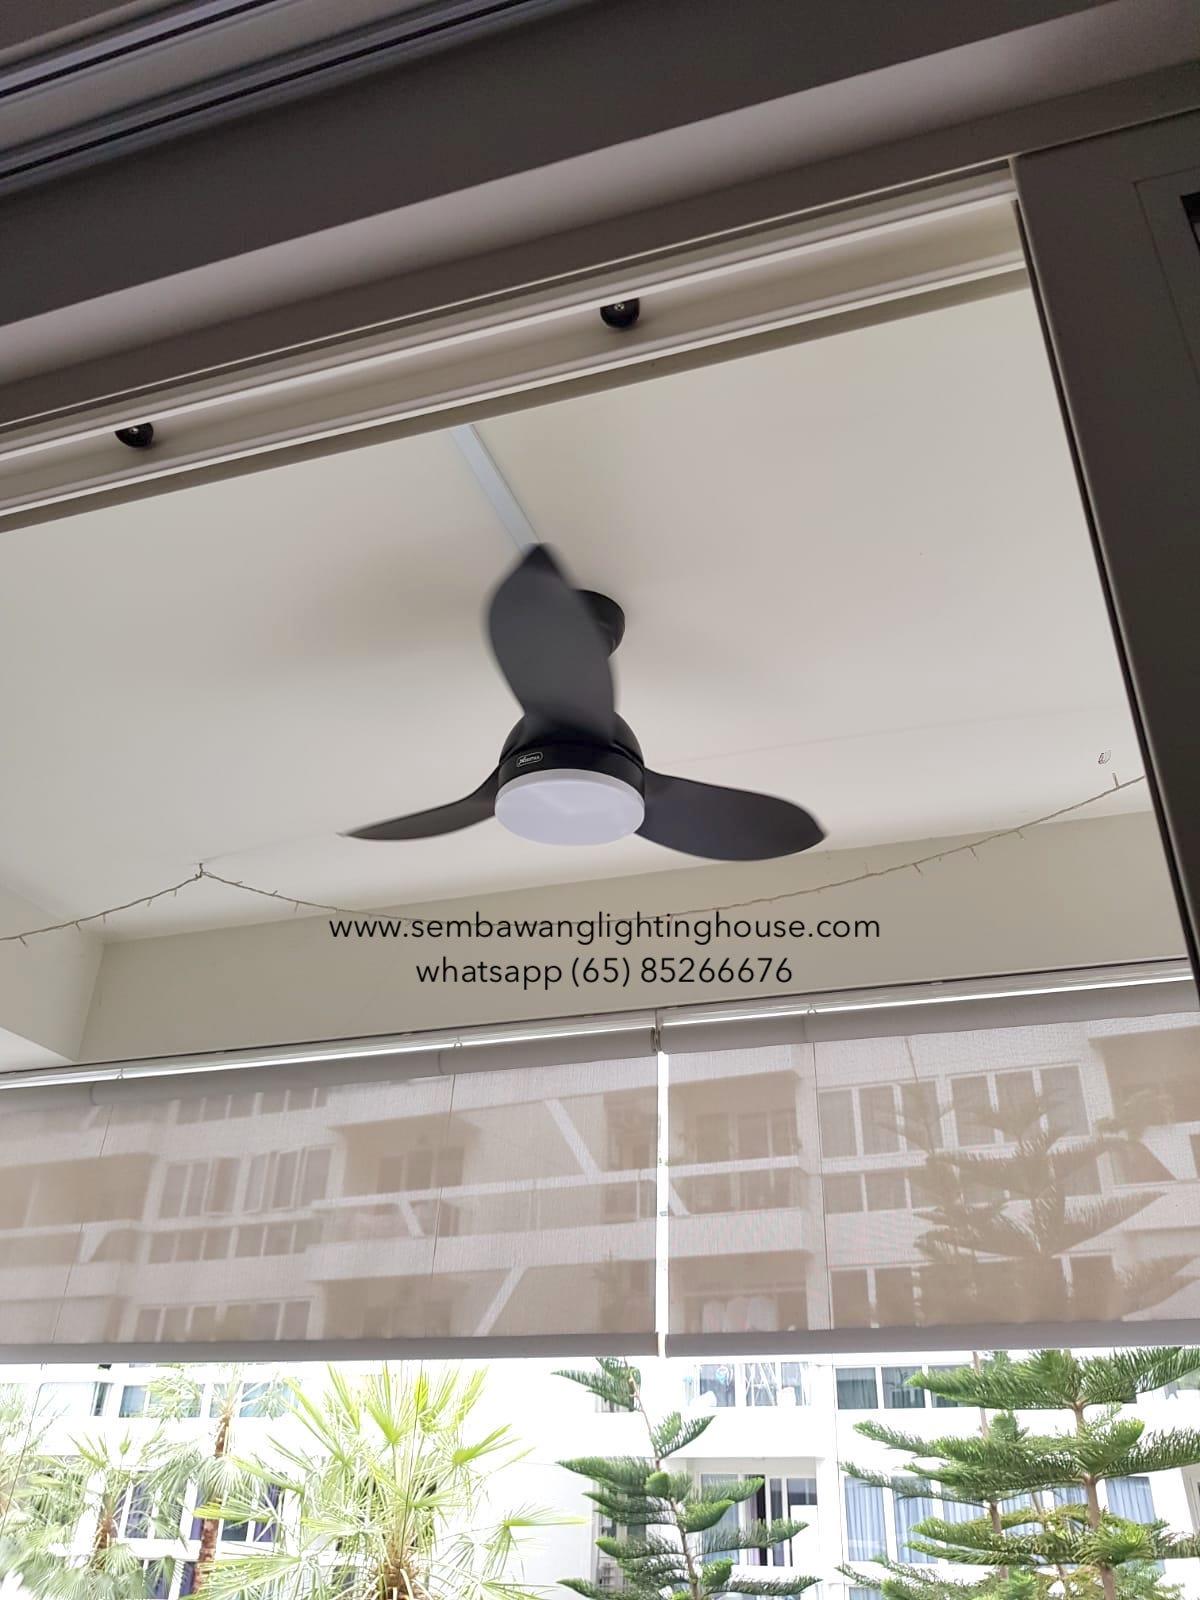 bestar-raptor-black-ceiling-fan-with-light-sembawang-lighting-house-01.jpg